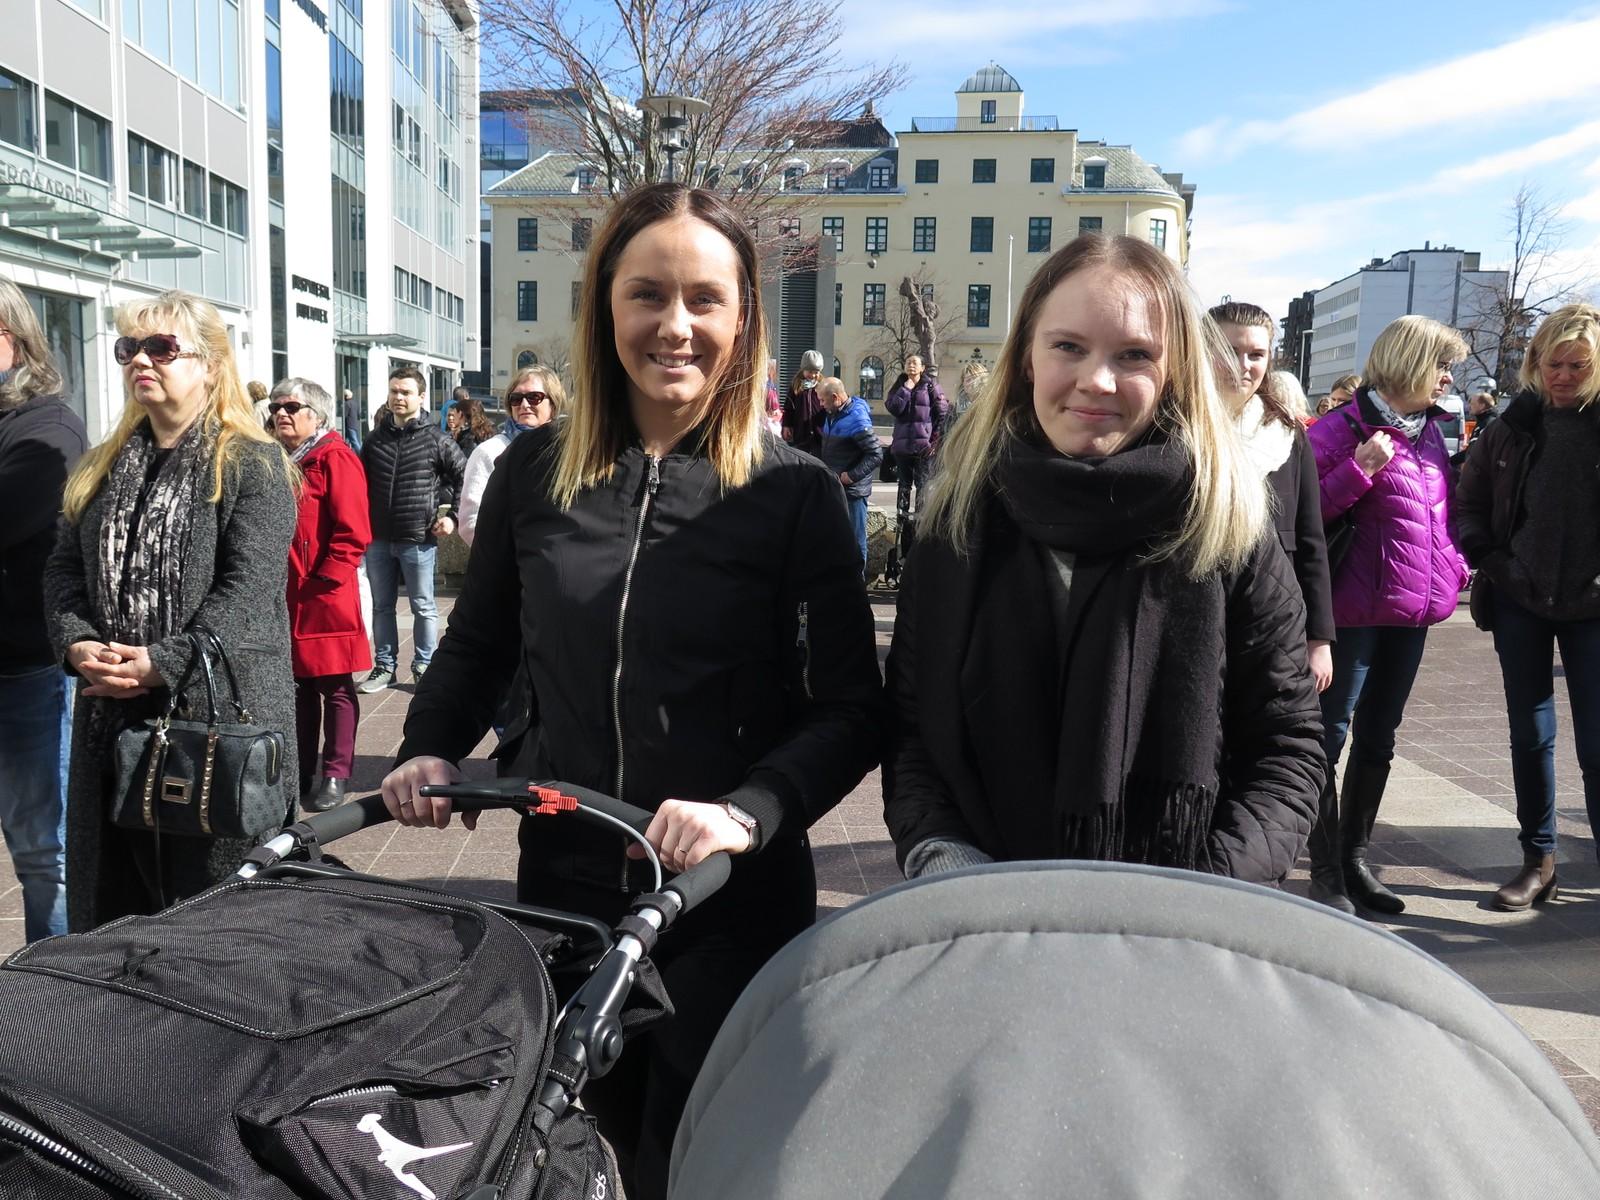 Kristina Valderhaug og Karina Haugen tenkjer at eingong kan det vere dei som treng hjelp til dei alle minste i Ålesund.